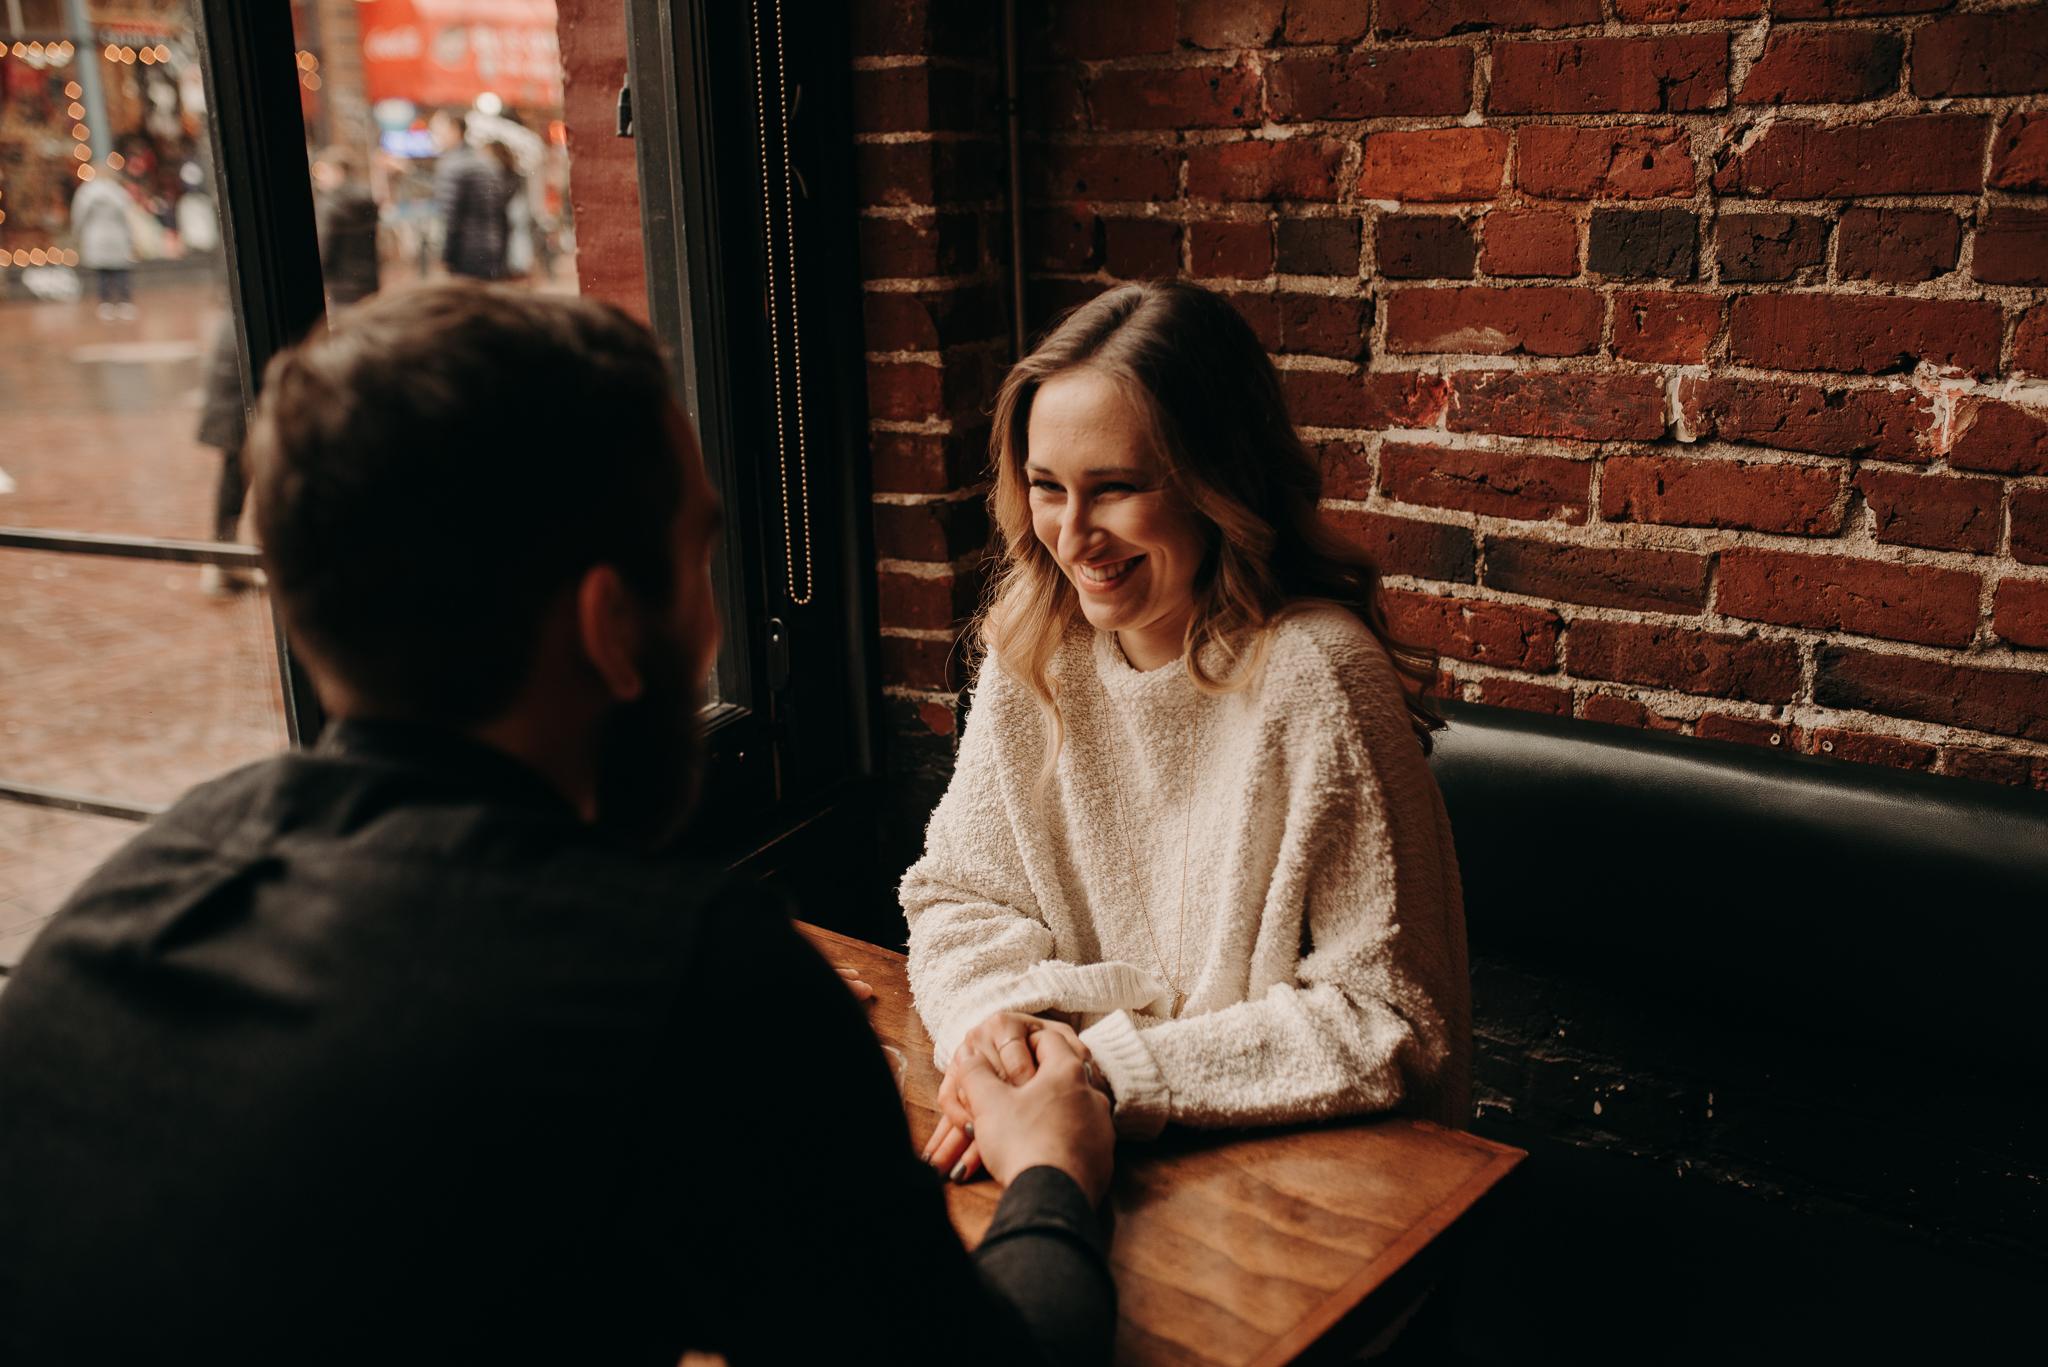 Amanda & Eric Gastown Vancouver Engagement Session - Laura Olson Photography - Sunshine Coast BC Photographer - Vancouver Photographer-2063.jpg